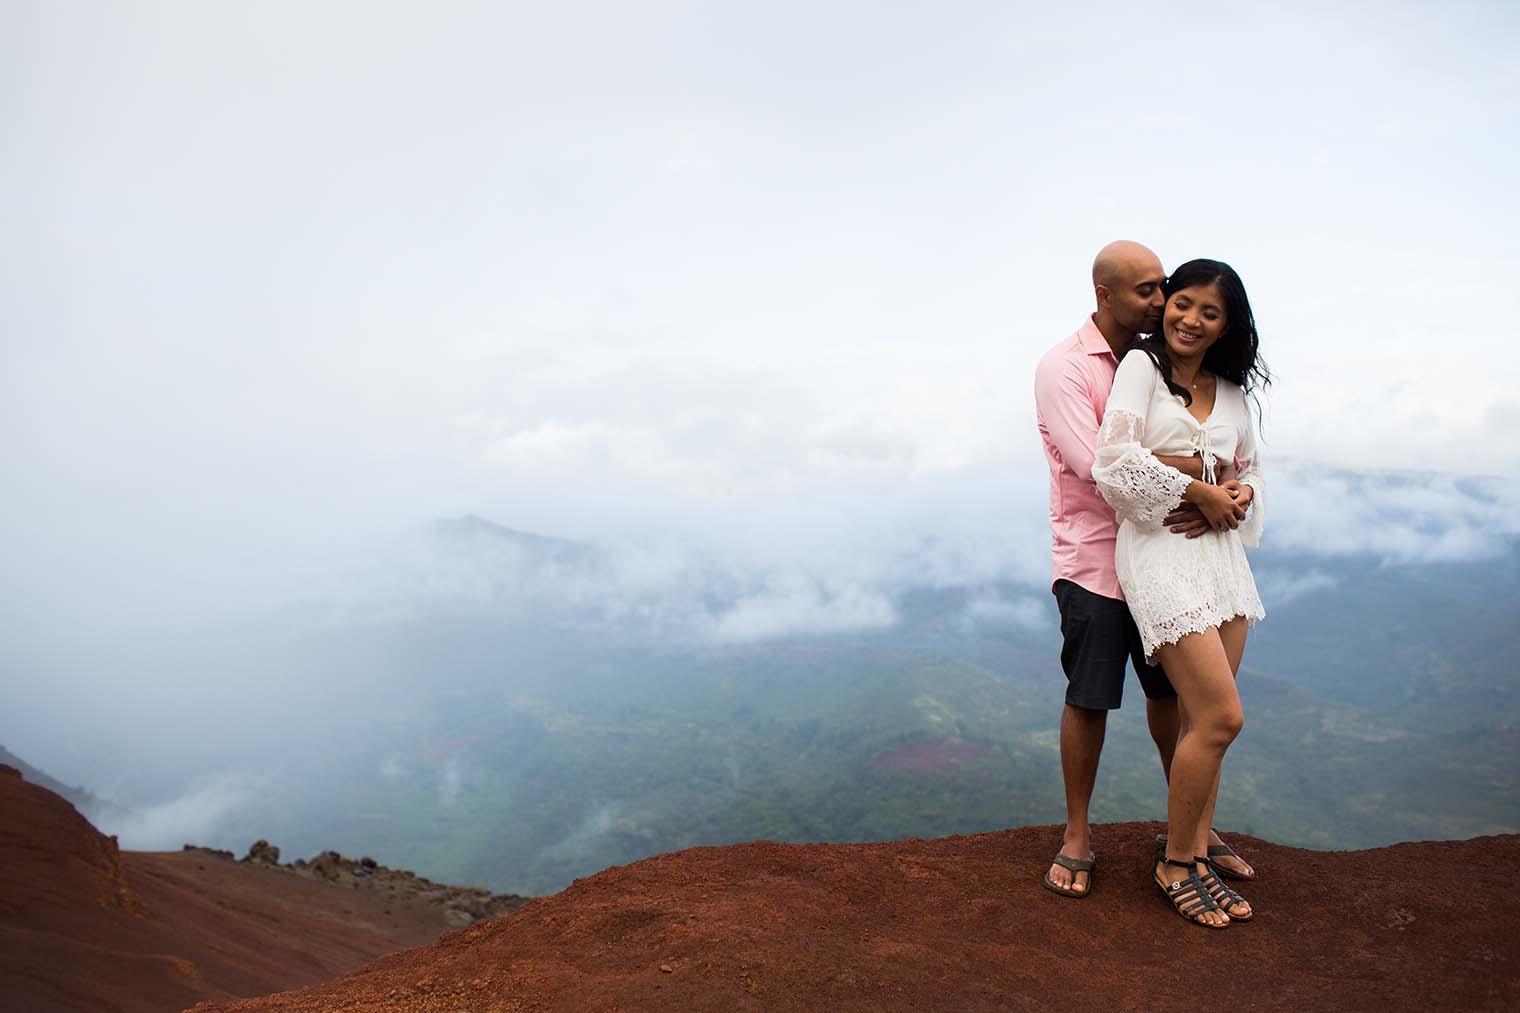 Engagement Session at Waimea Canyon Kauai Hawaii